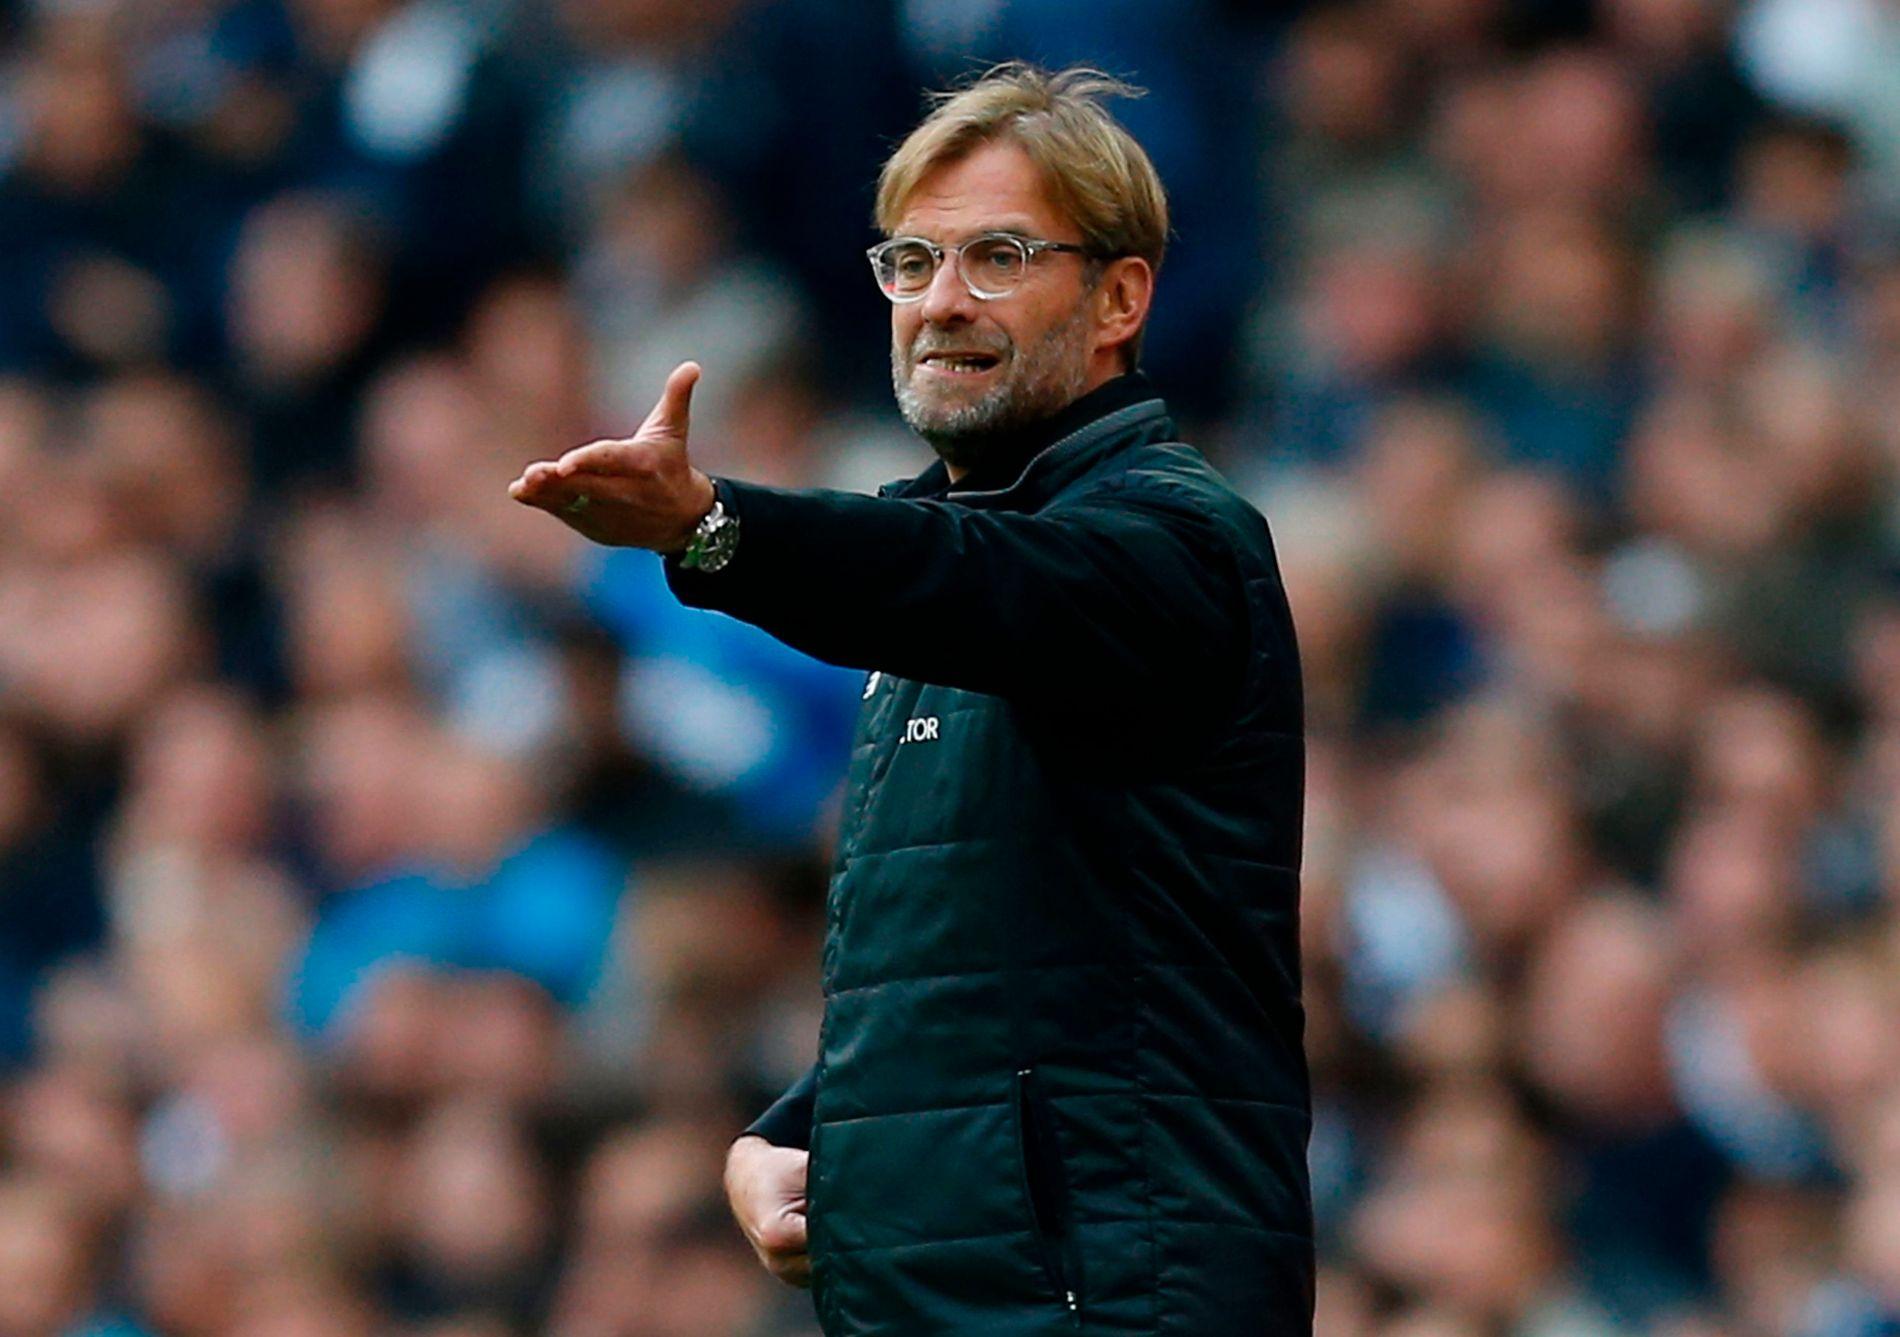 b720458e0 Slik vurderer ekspertene Jürgen Klopps jobb i Liverpool